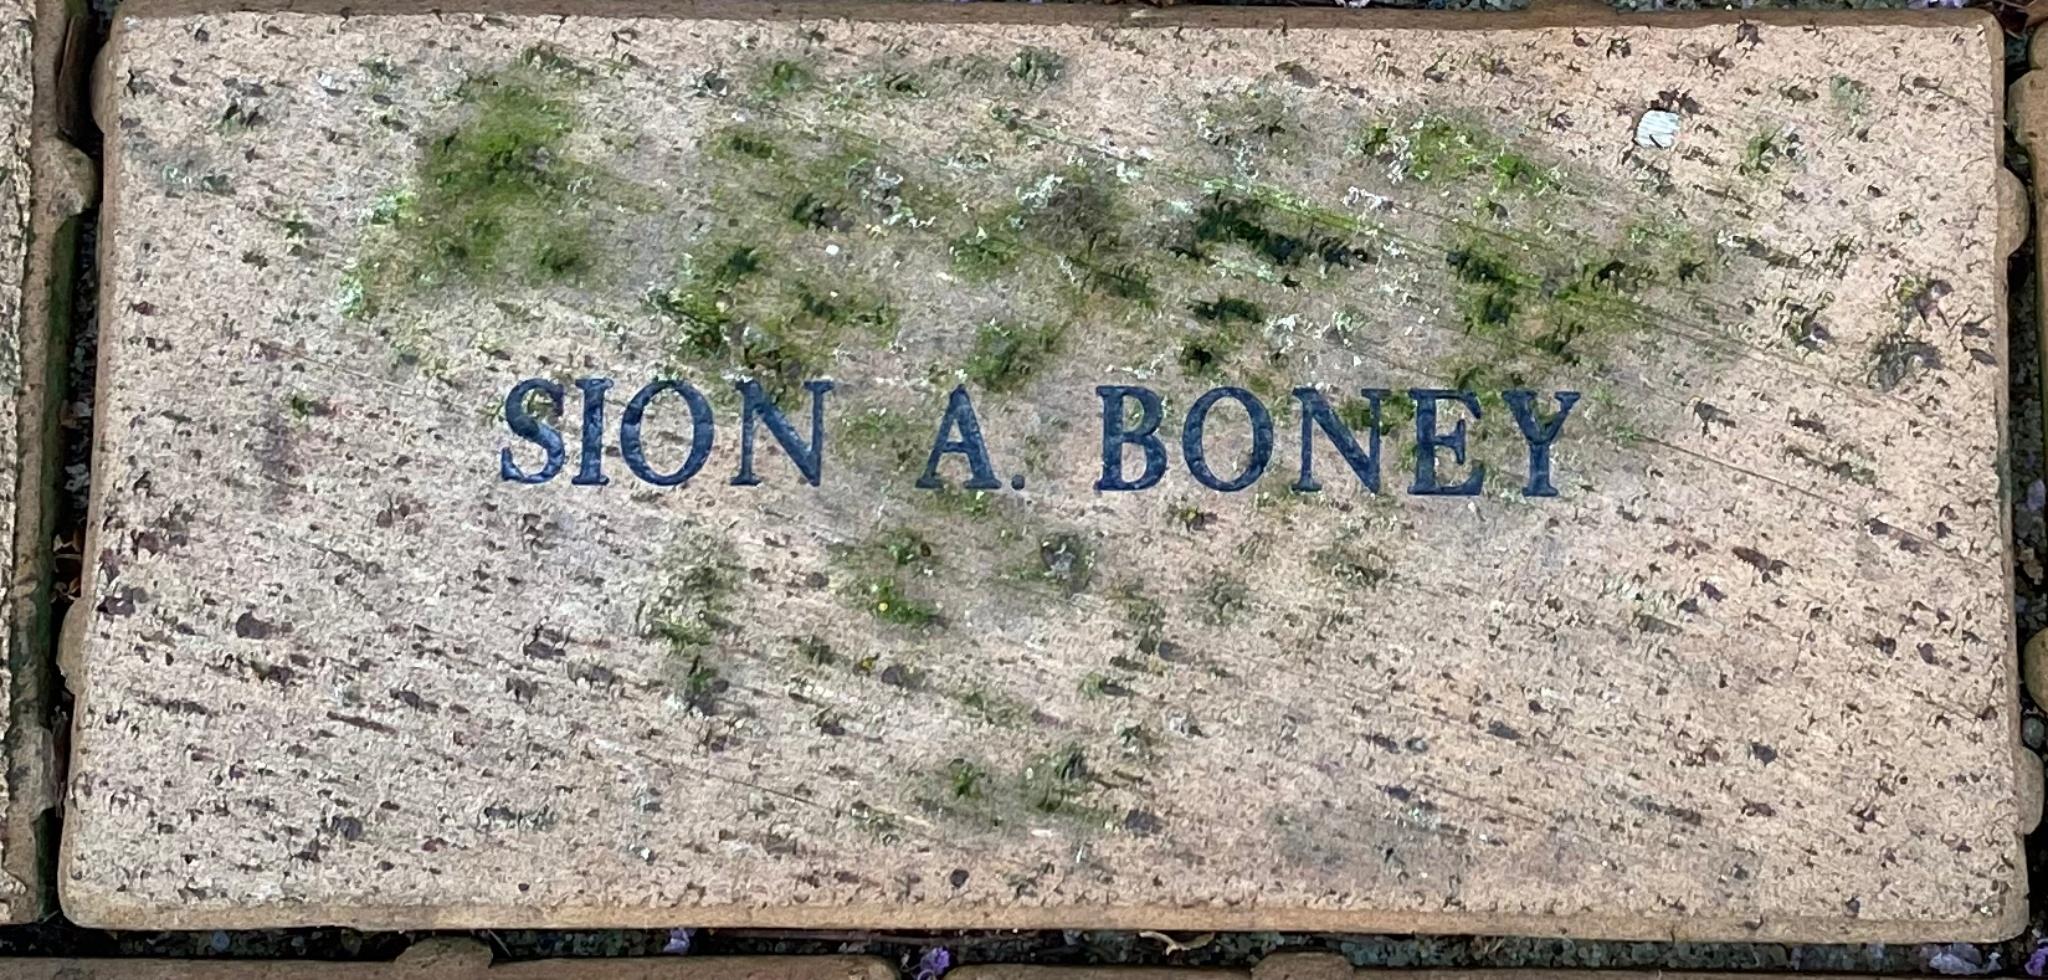 SION A. BONEY